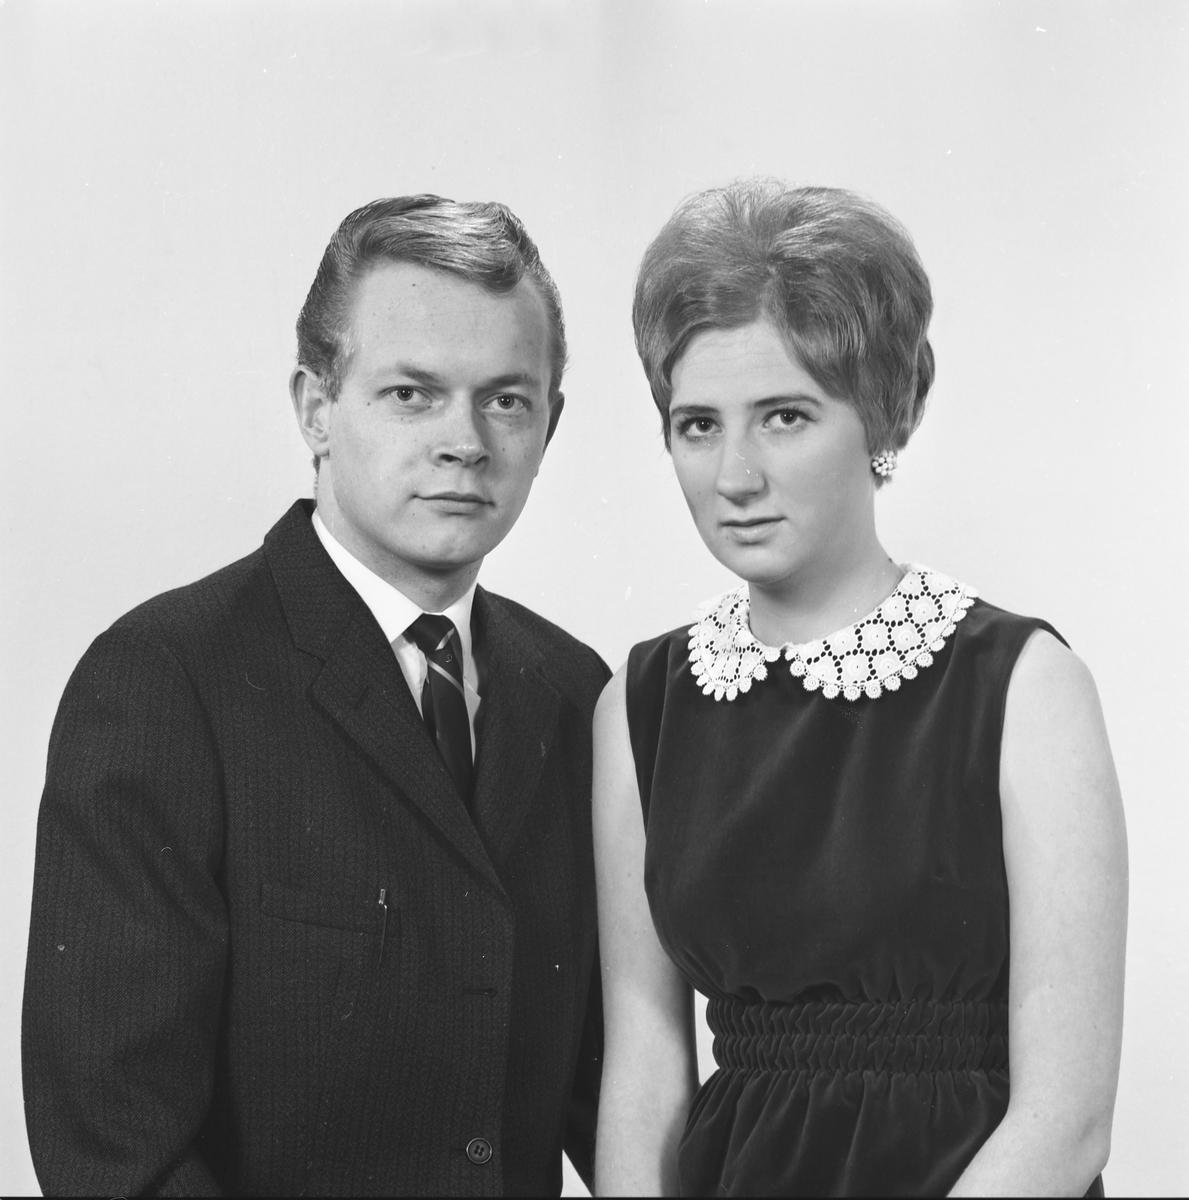 Portrett. Ung mann og ung kvinne. Bestilt av Reidar Brandsøy. Stuertskolen (Haugaleite 8).